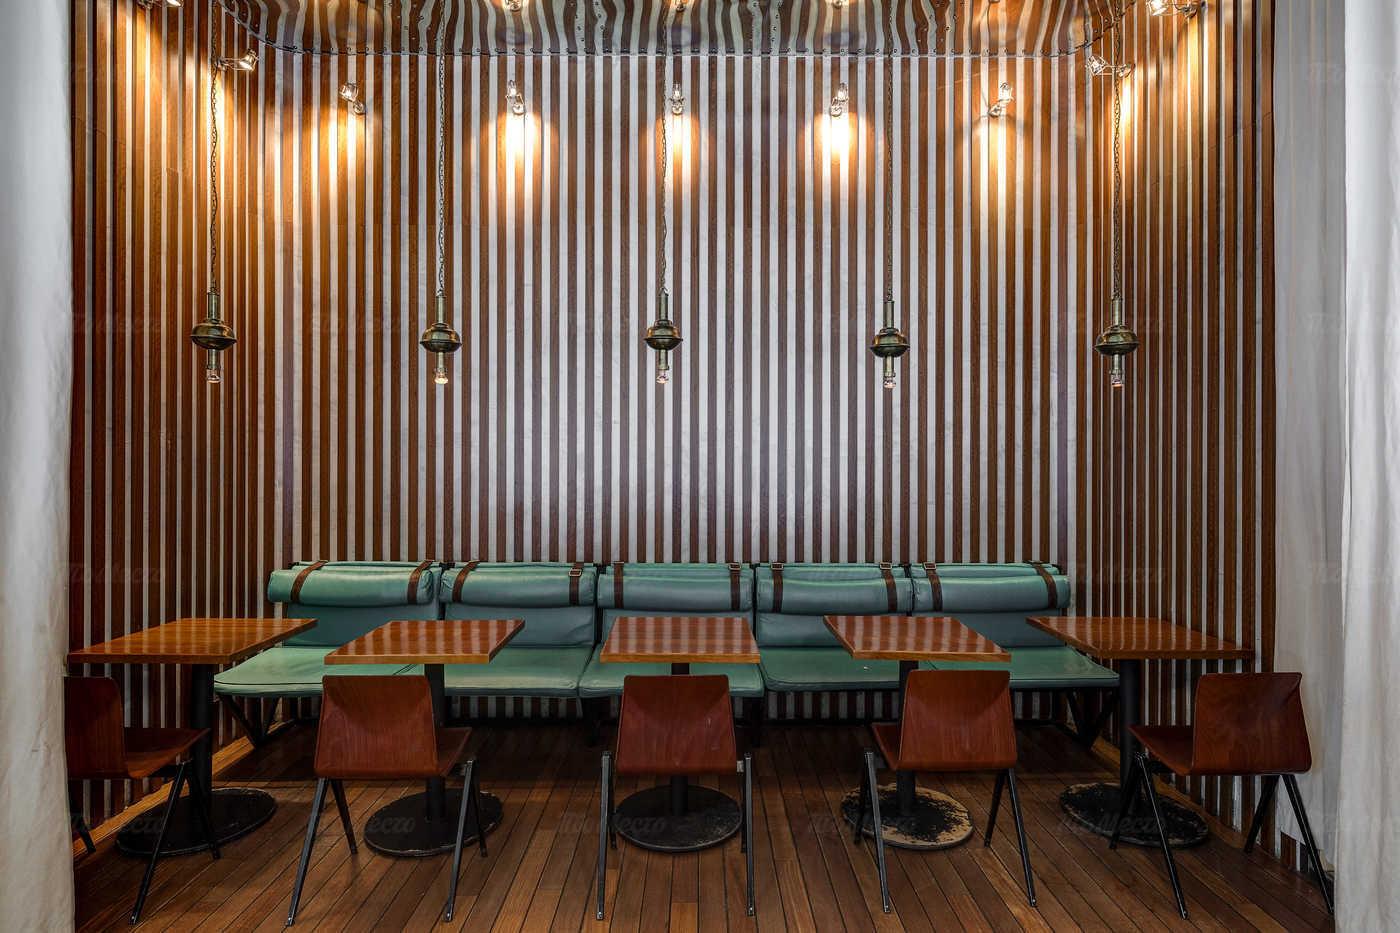 Ресторан Osteria Bianca (Остерия Бьянка) на улице Лесной  фото 12